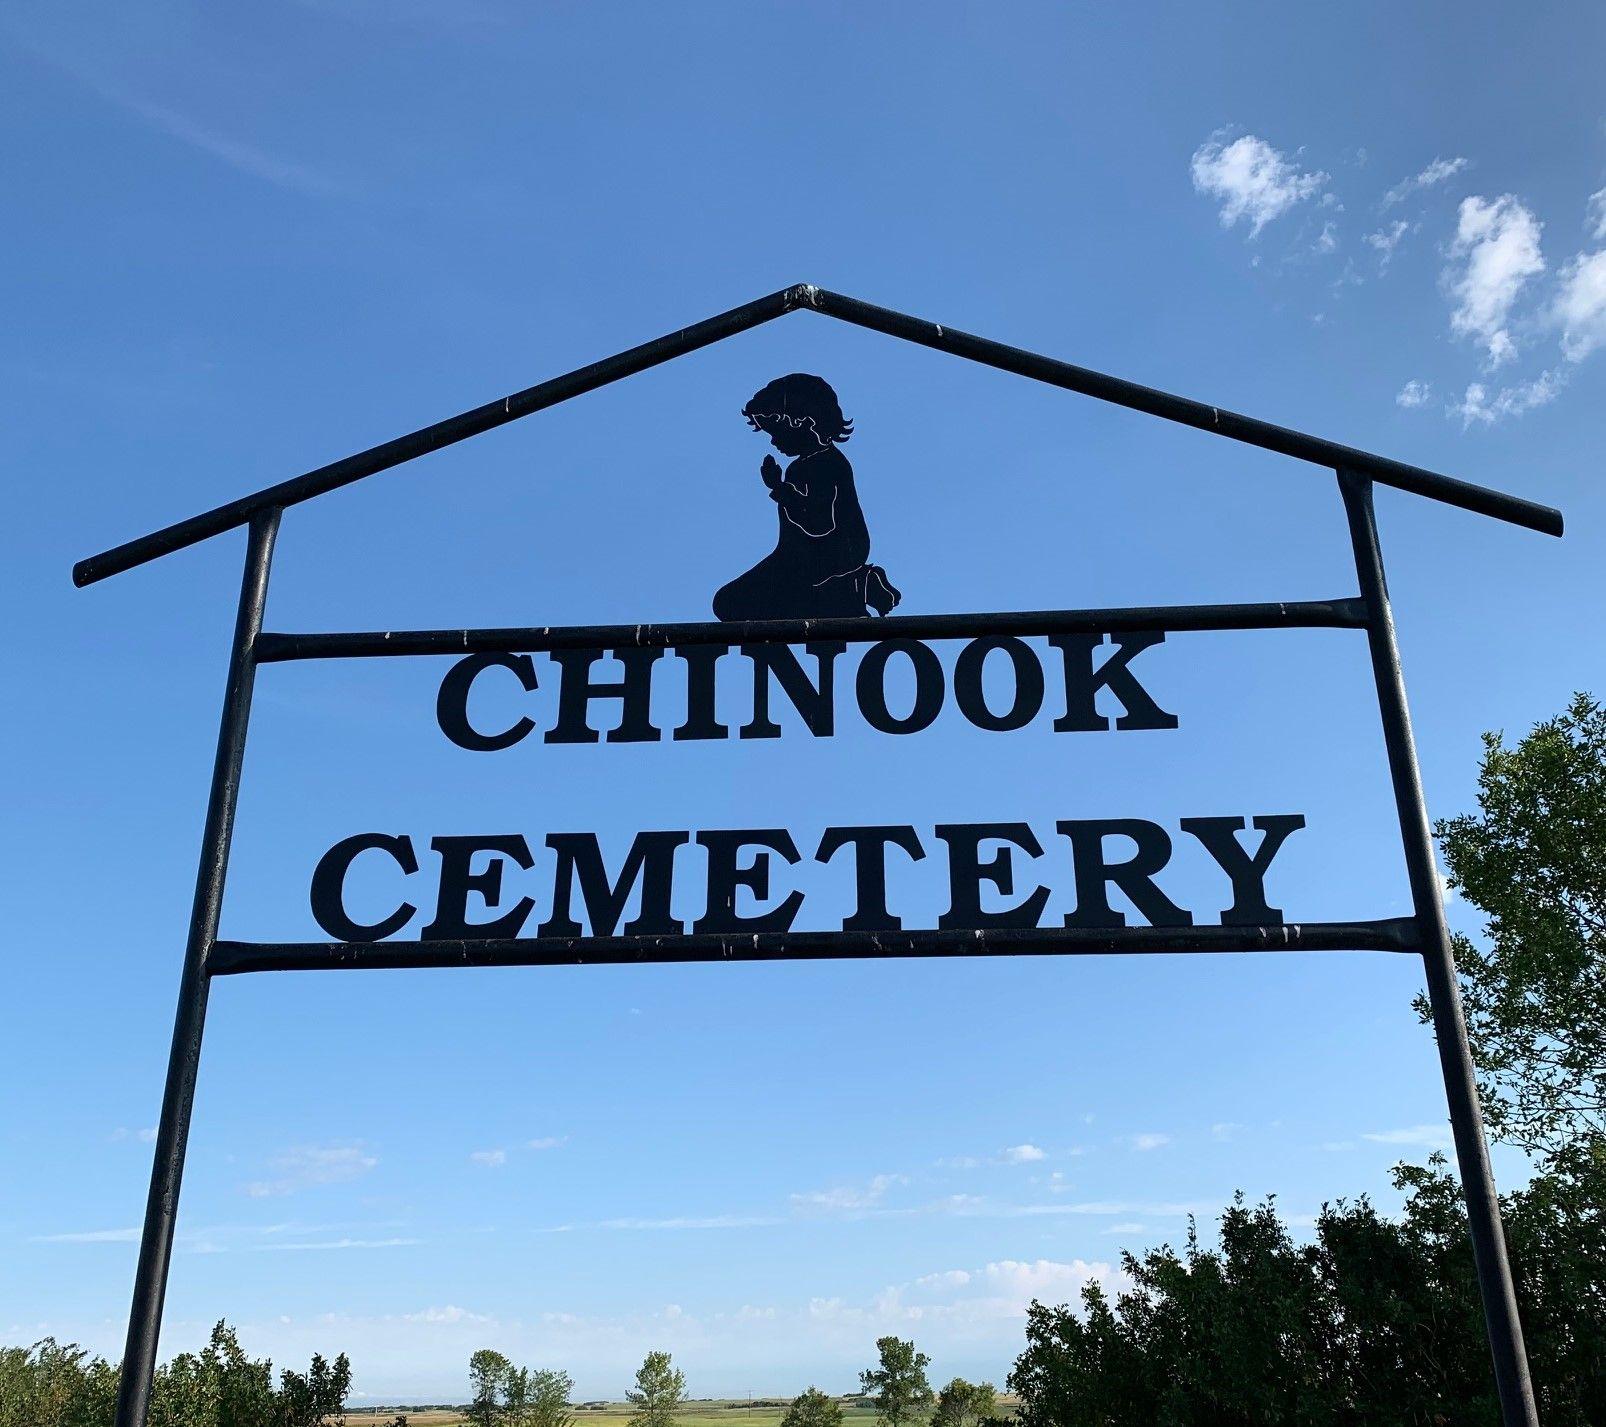 chinook cemetery